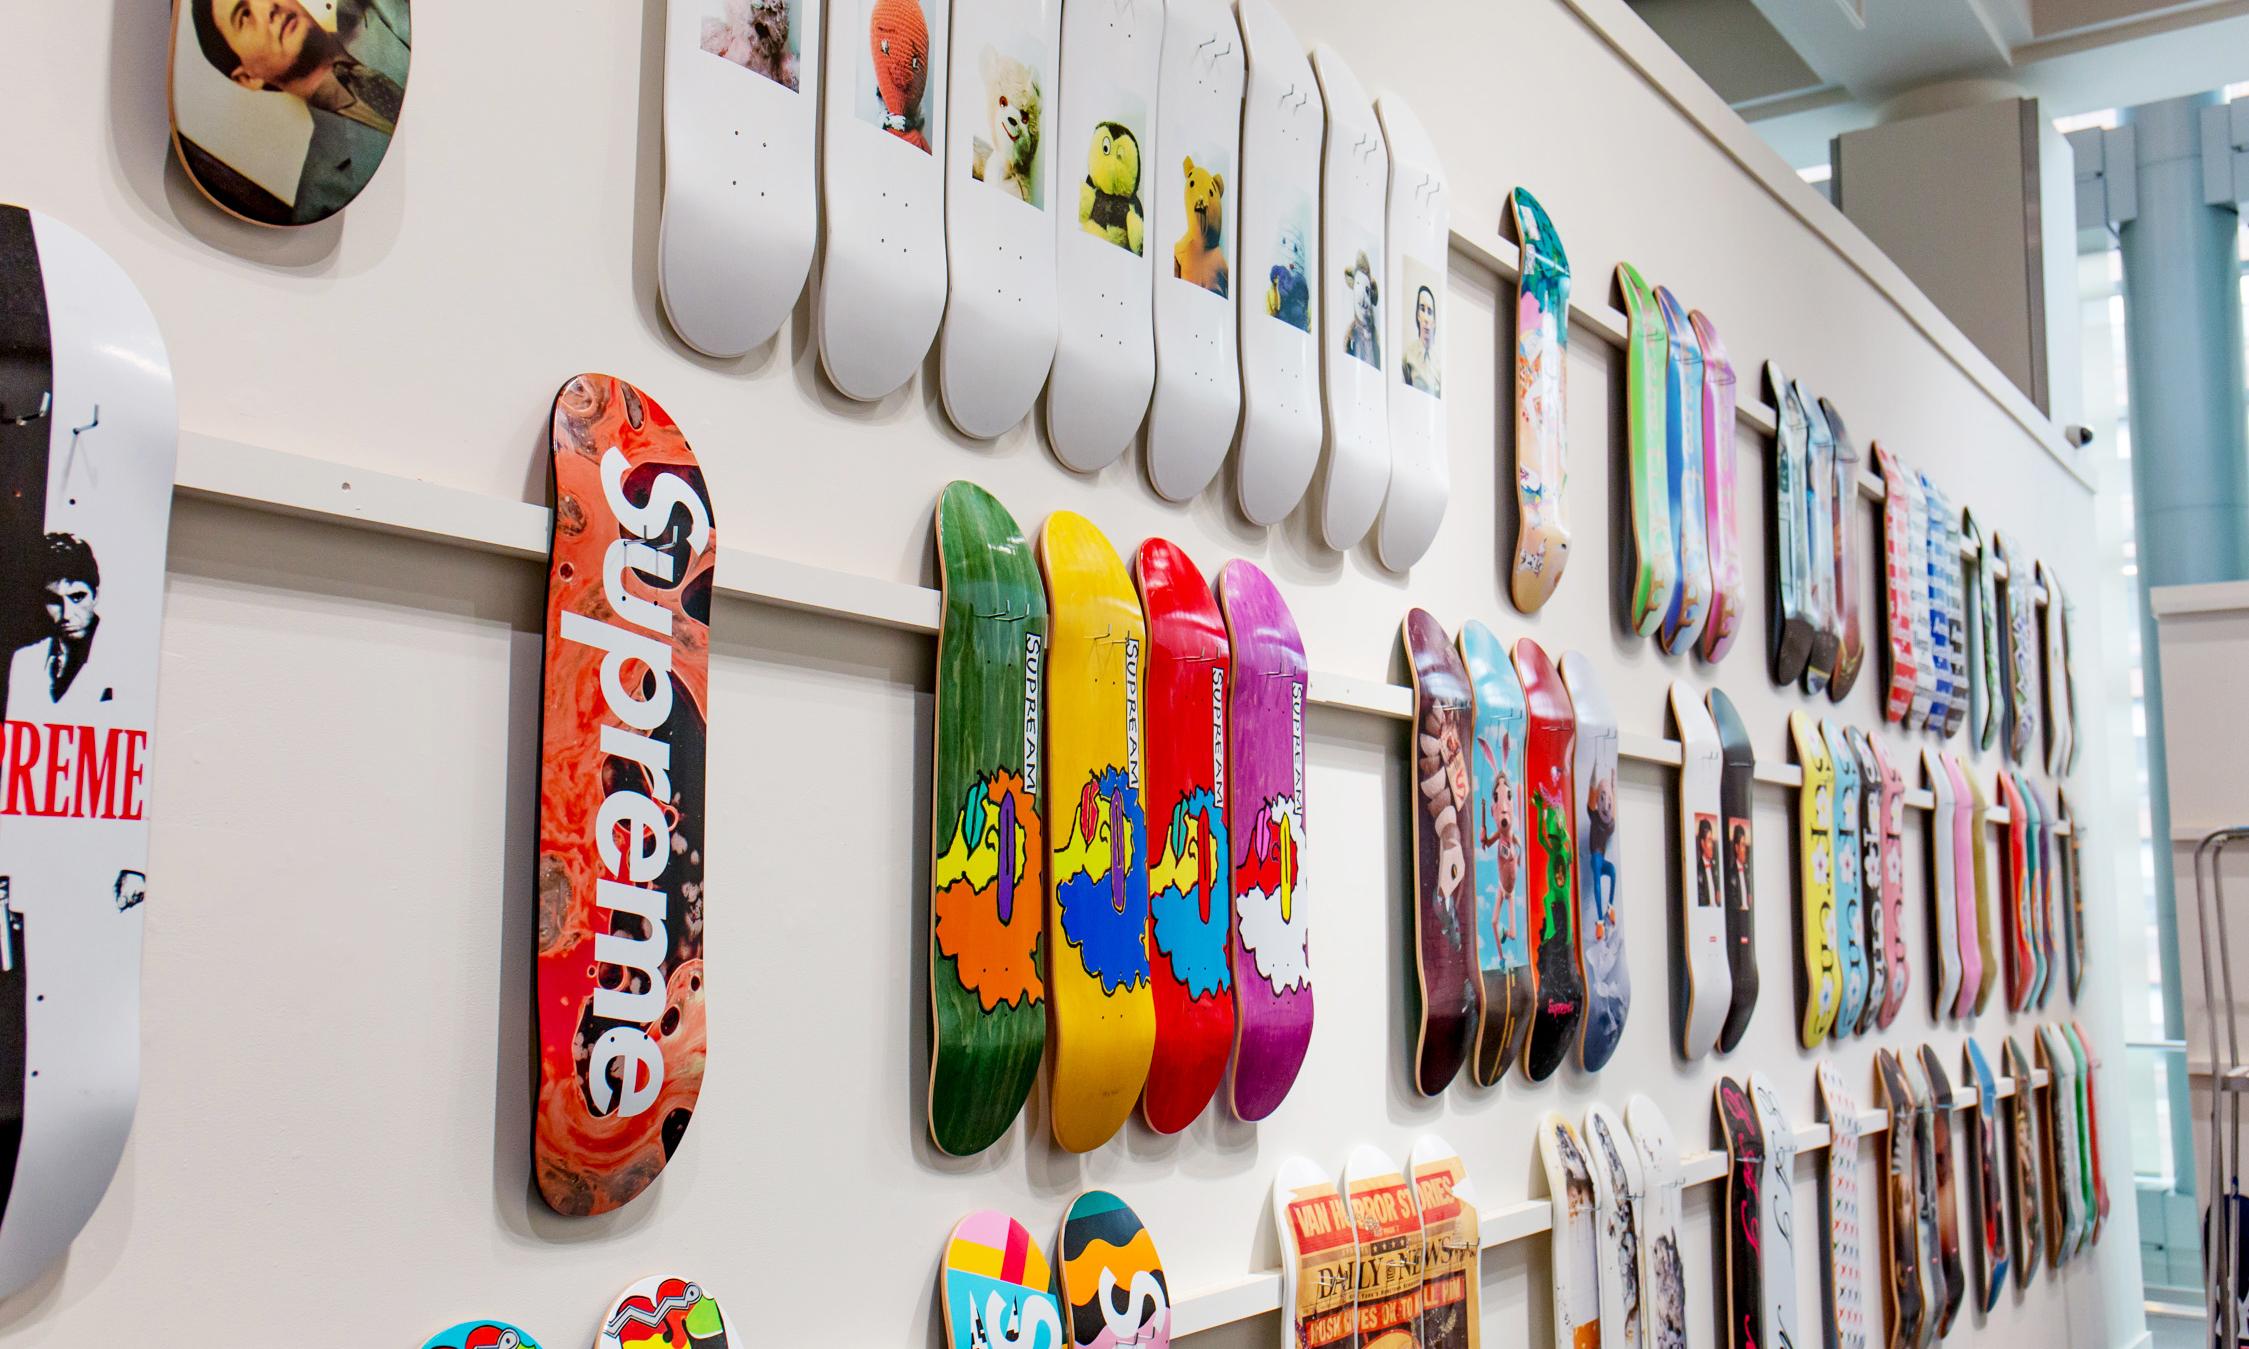 他用 10 年收集完 Supreme 所有滑板,最终却全部卖掉